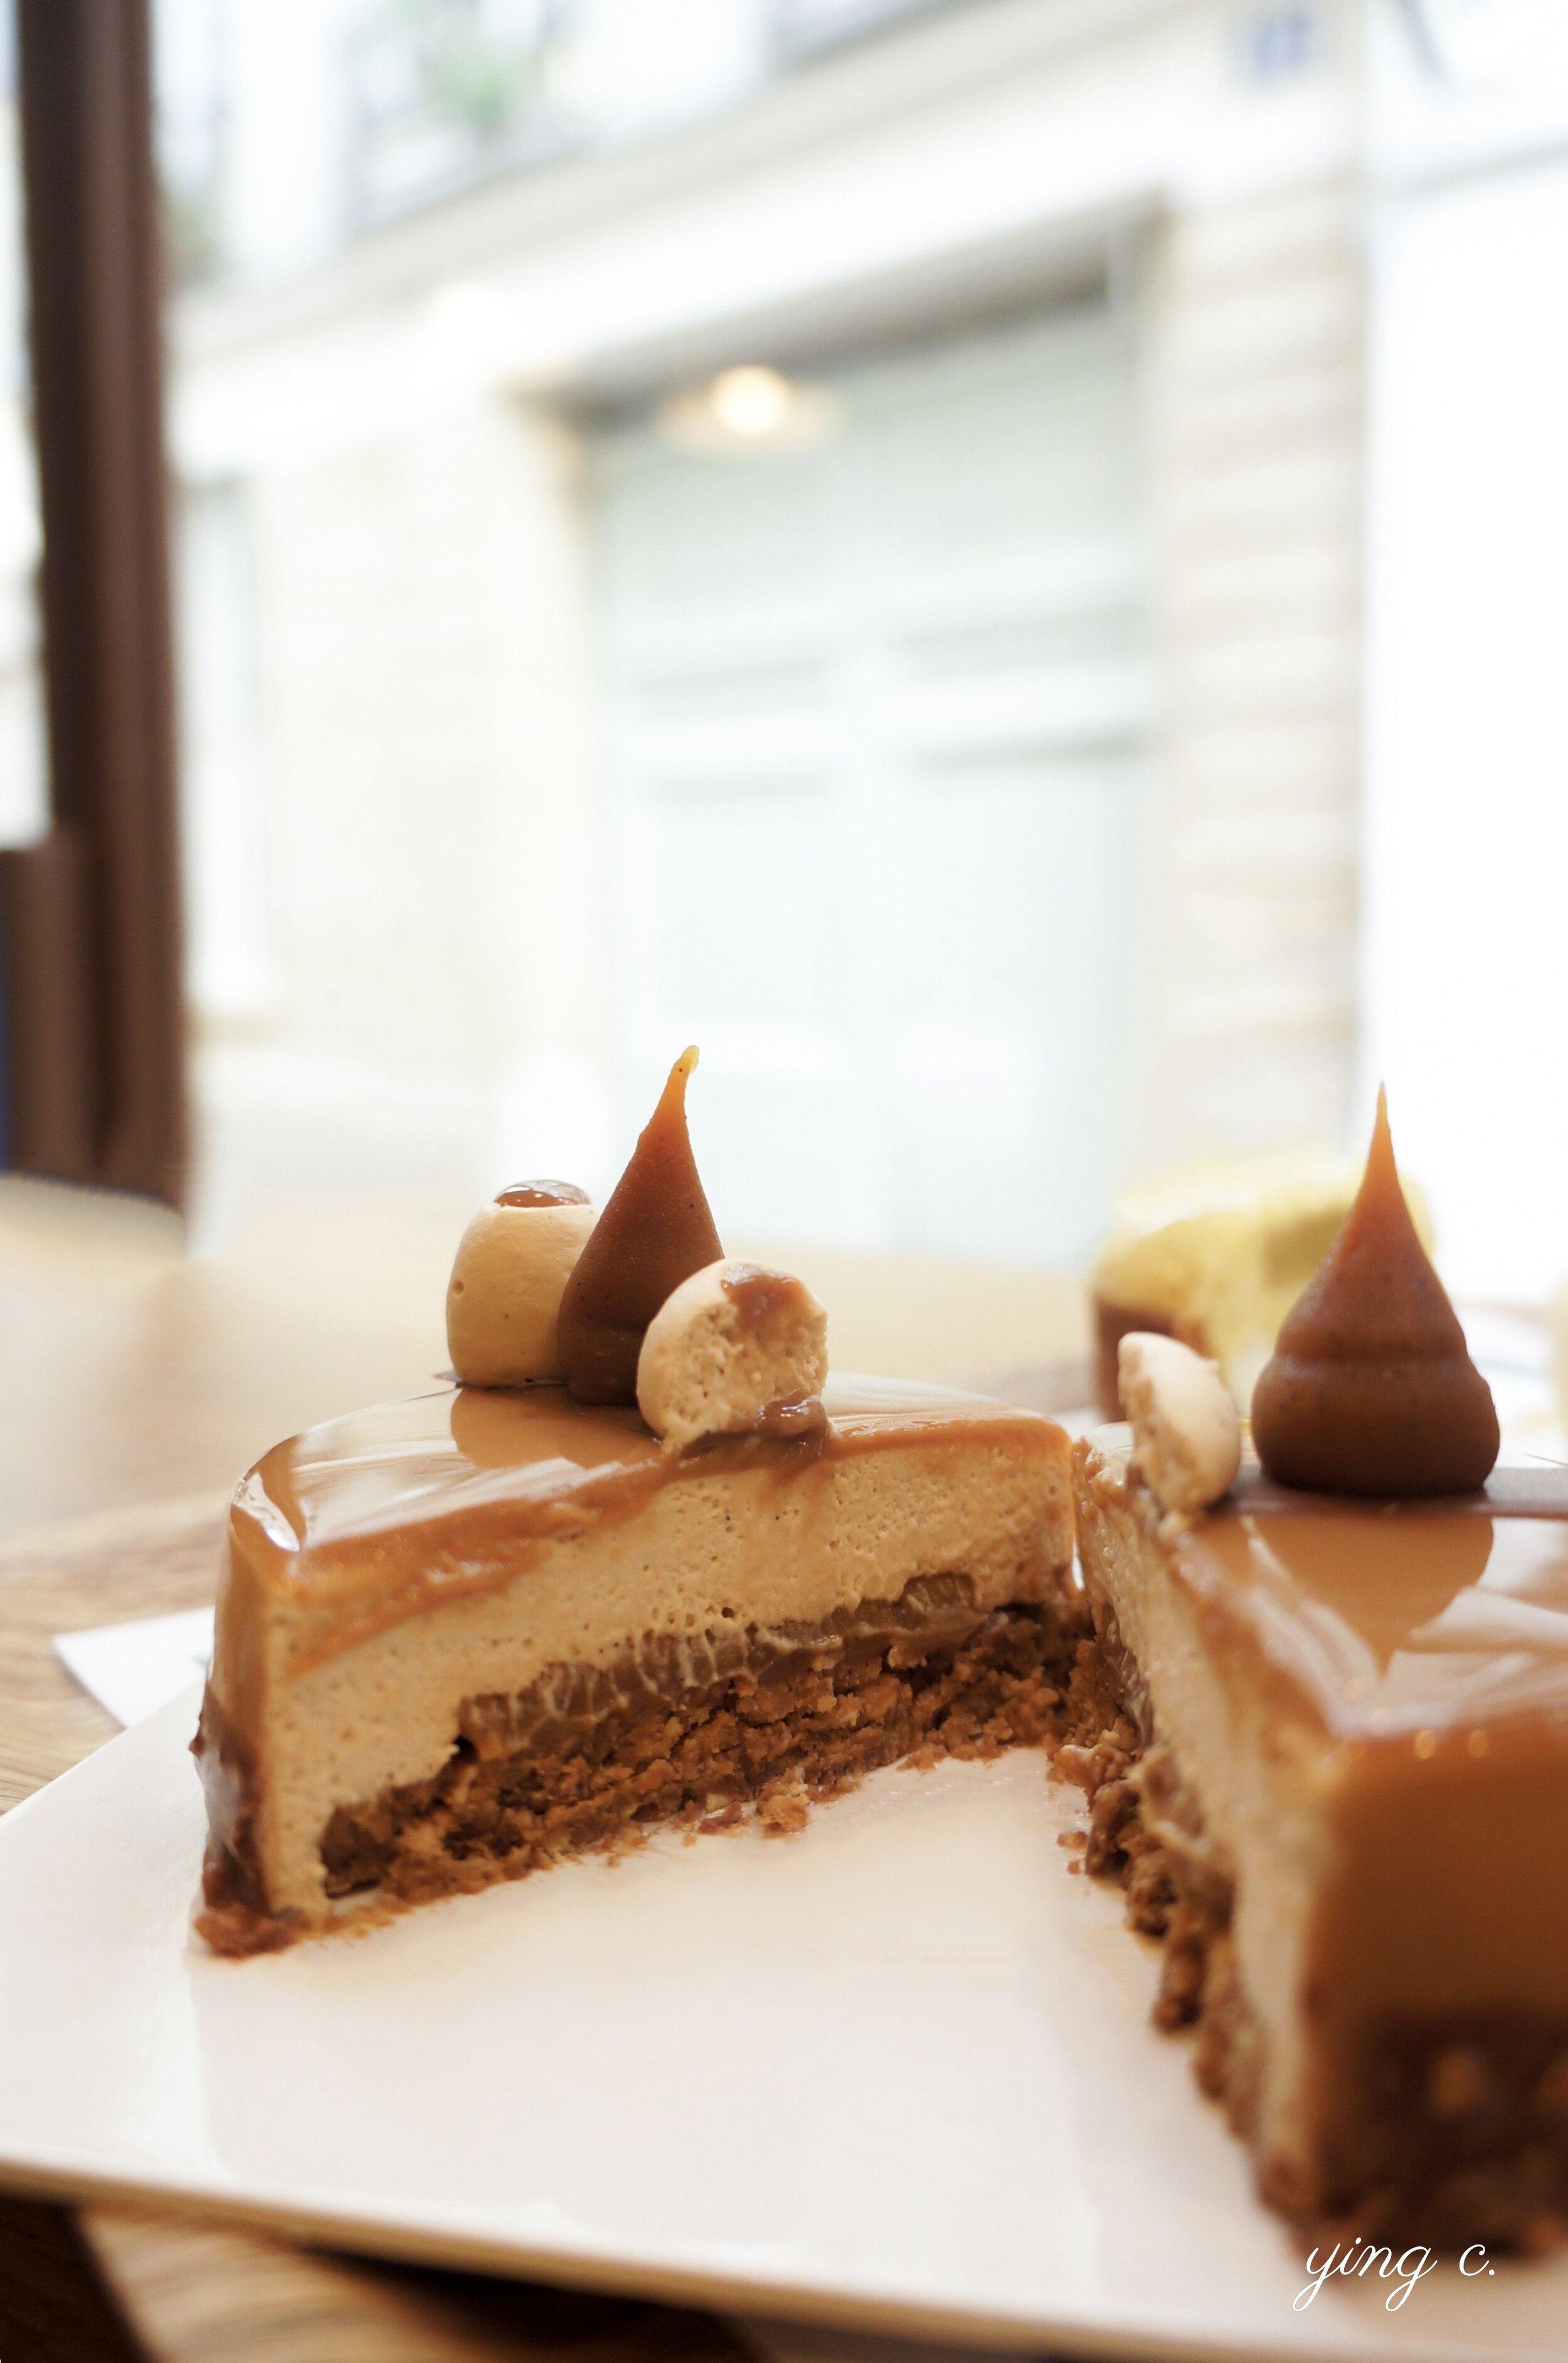 「100% Caramel」法式蛋糕斷面。一切開來就可以很清楚地看見同樣是由「 法式海綿蛋糕+奶餡+ 淋面+ 裝飾 」的邏輯構成,和歌劇院蛋糕並無二致。